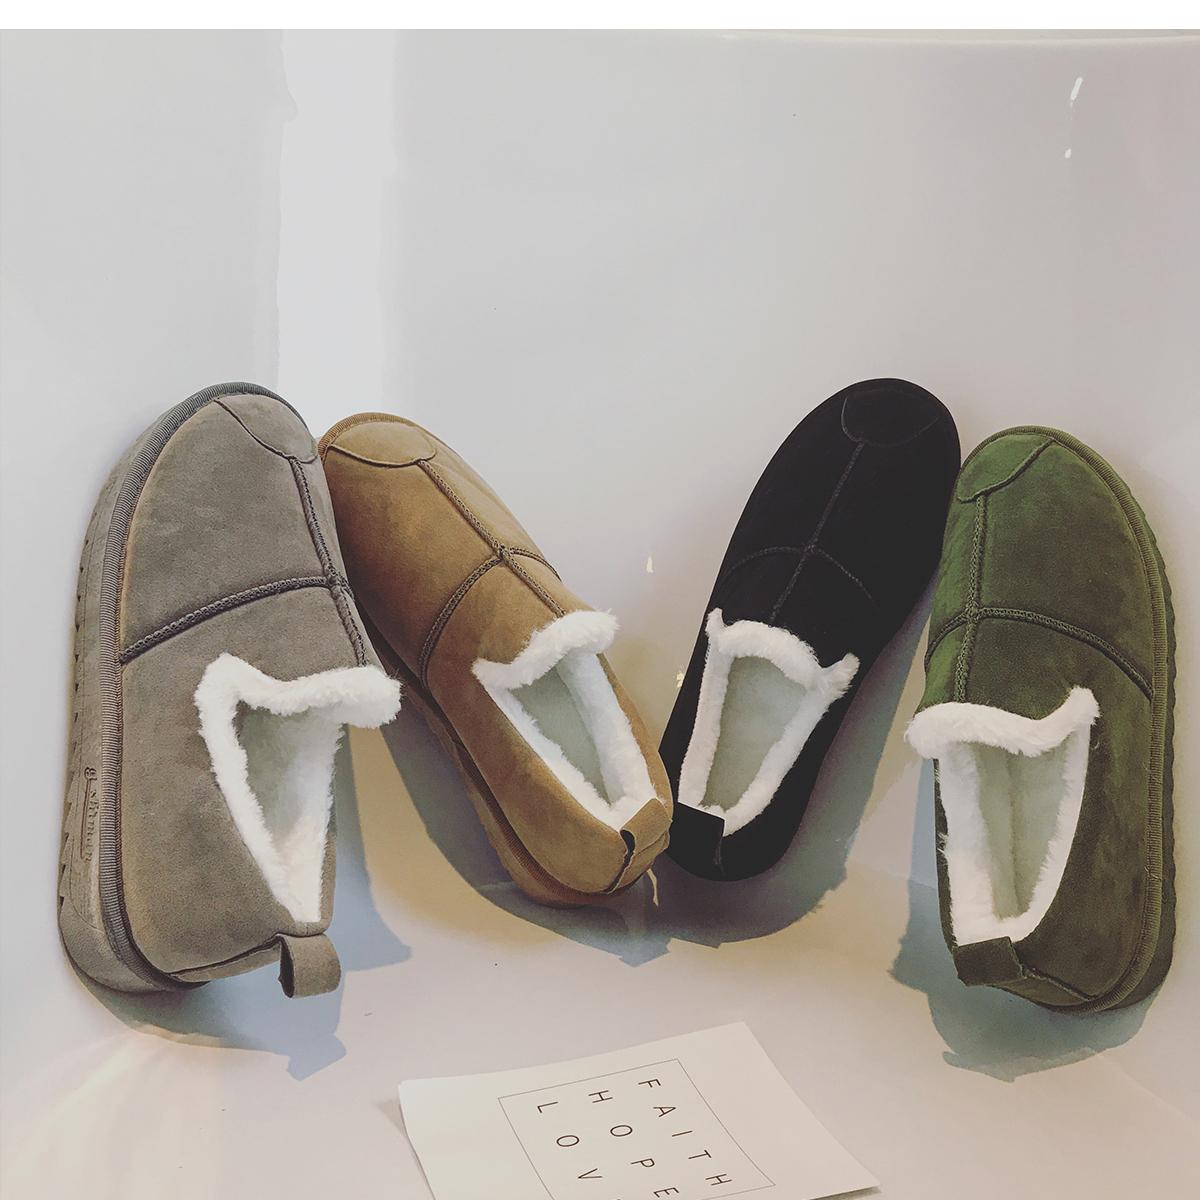 文艺男女店男士靴子冬季韩版雪地靴潮流男鞋休闲皮毛一体保暖鞋子